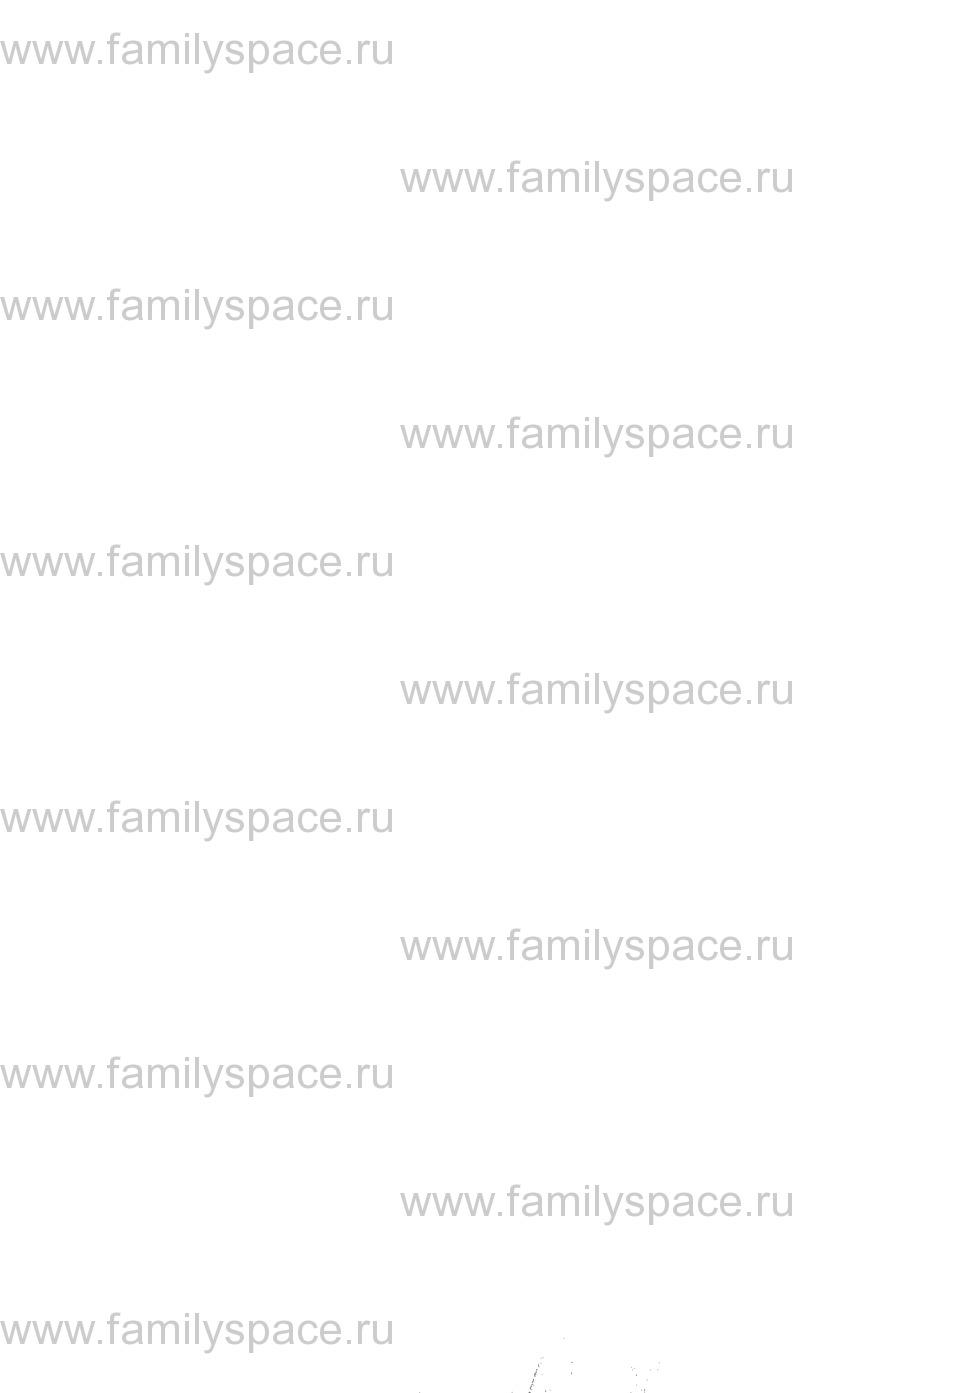 Поиск по фамилии - Адрес-календарь служащих в Казанской губернии лиц на 1871 г, страница 1